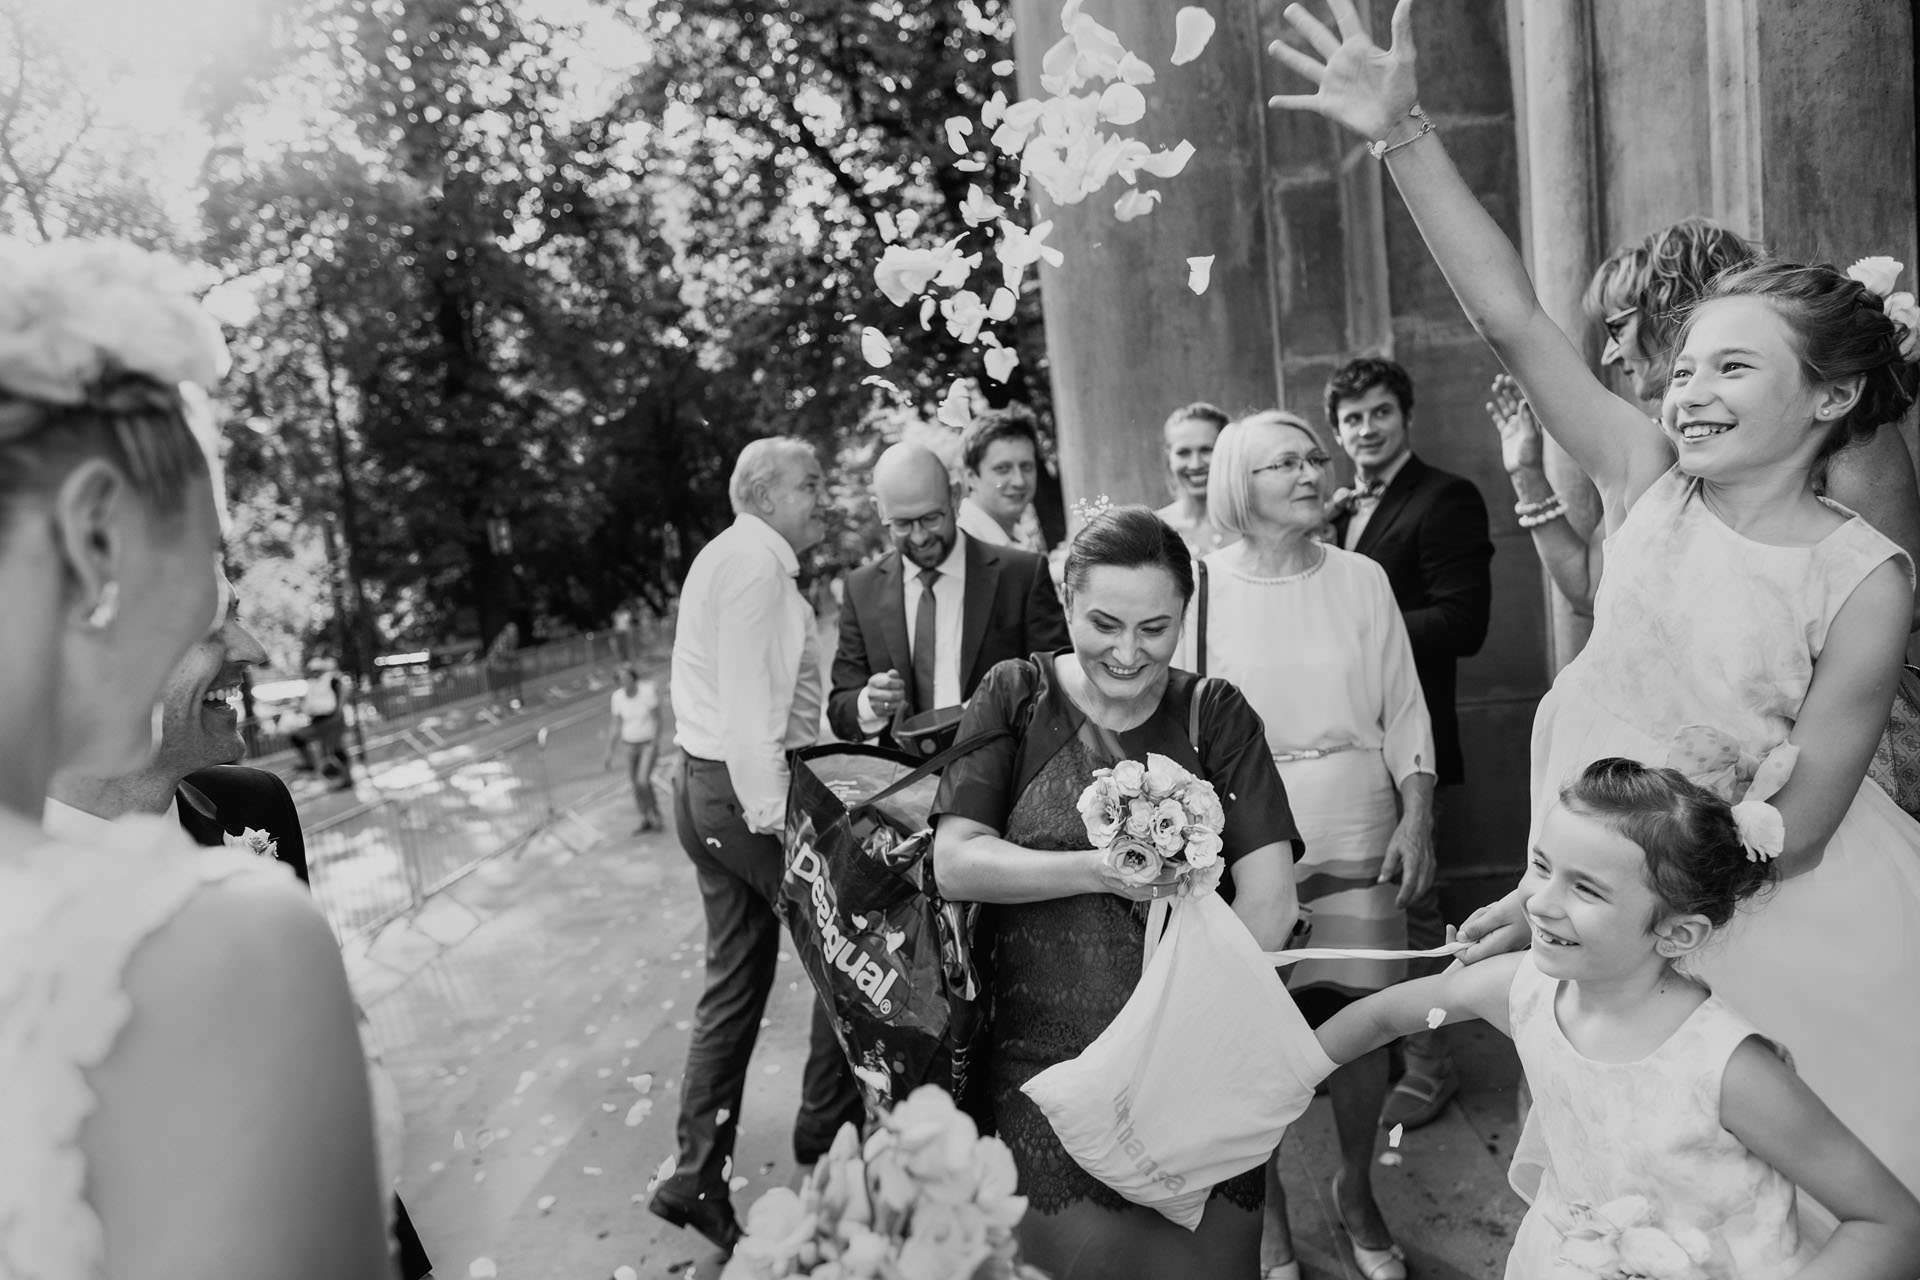 Fotografia ślubna Kraków - goście weselni składają życzenia Parze Młodej